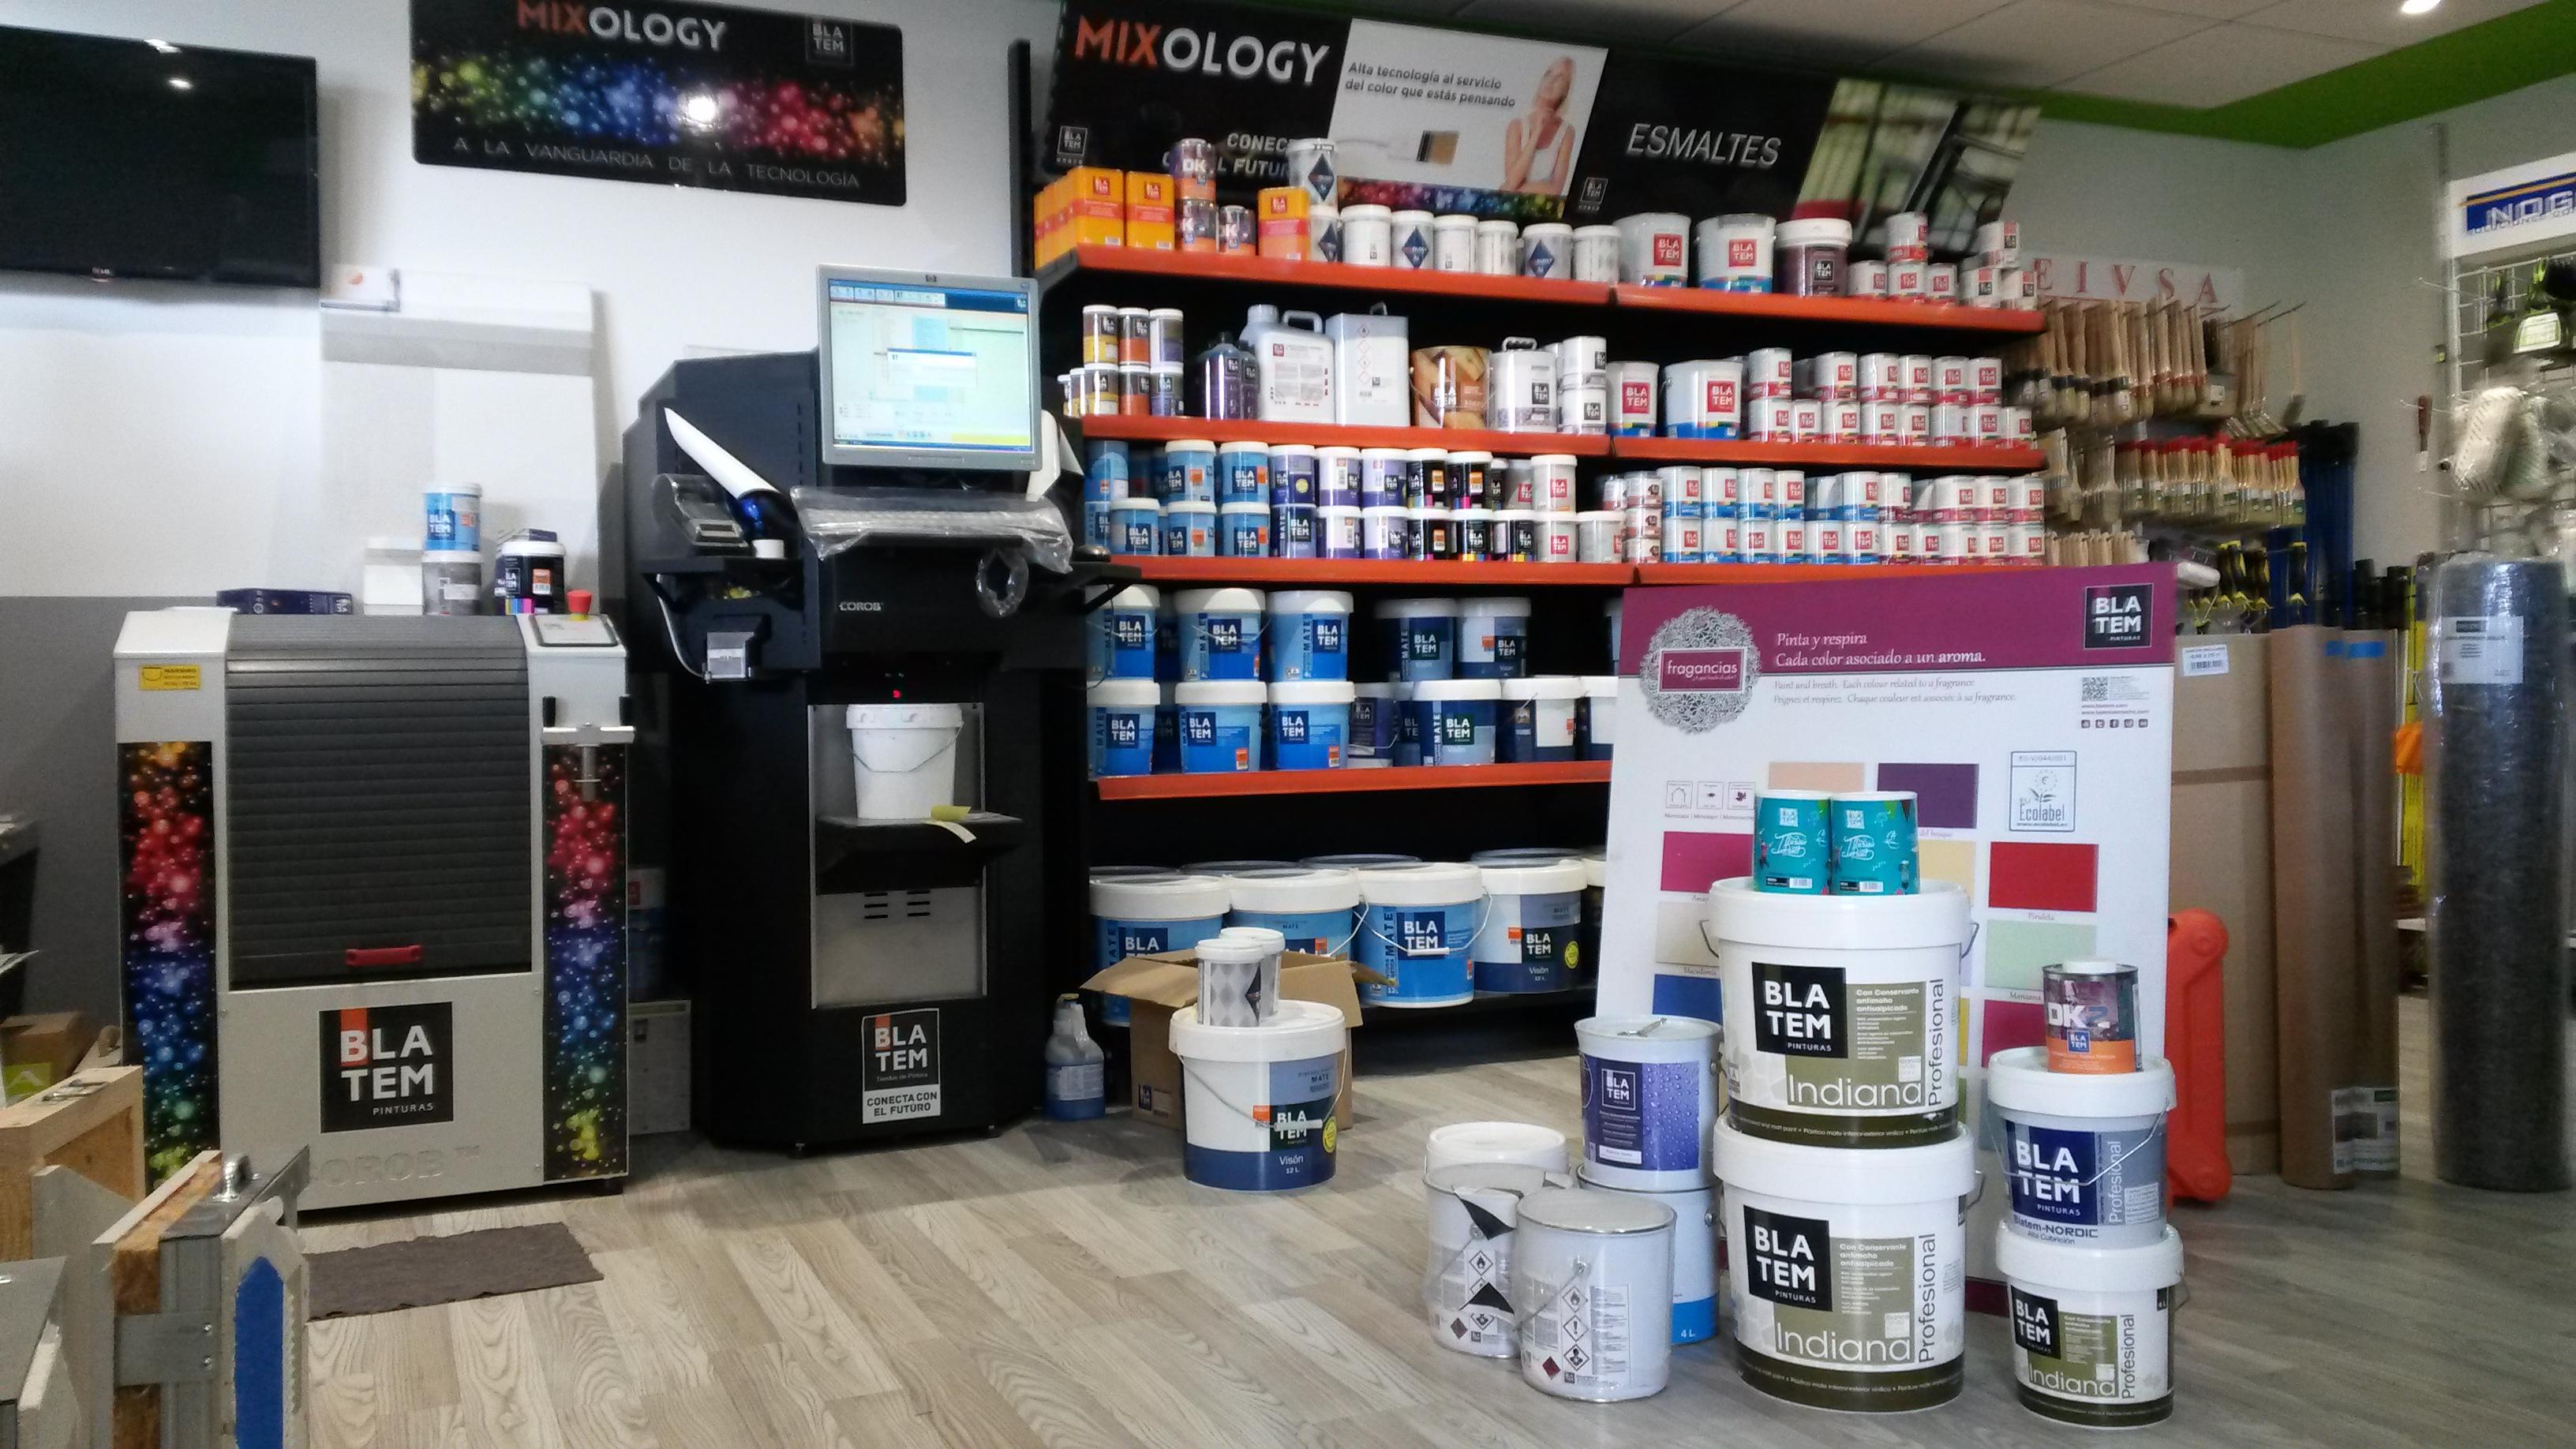 Nuestro almacén de San Sebastián incorpora nuevos productos para la renovación y el aislamiento térmico, acústico y ecológico.